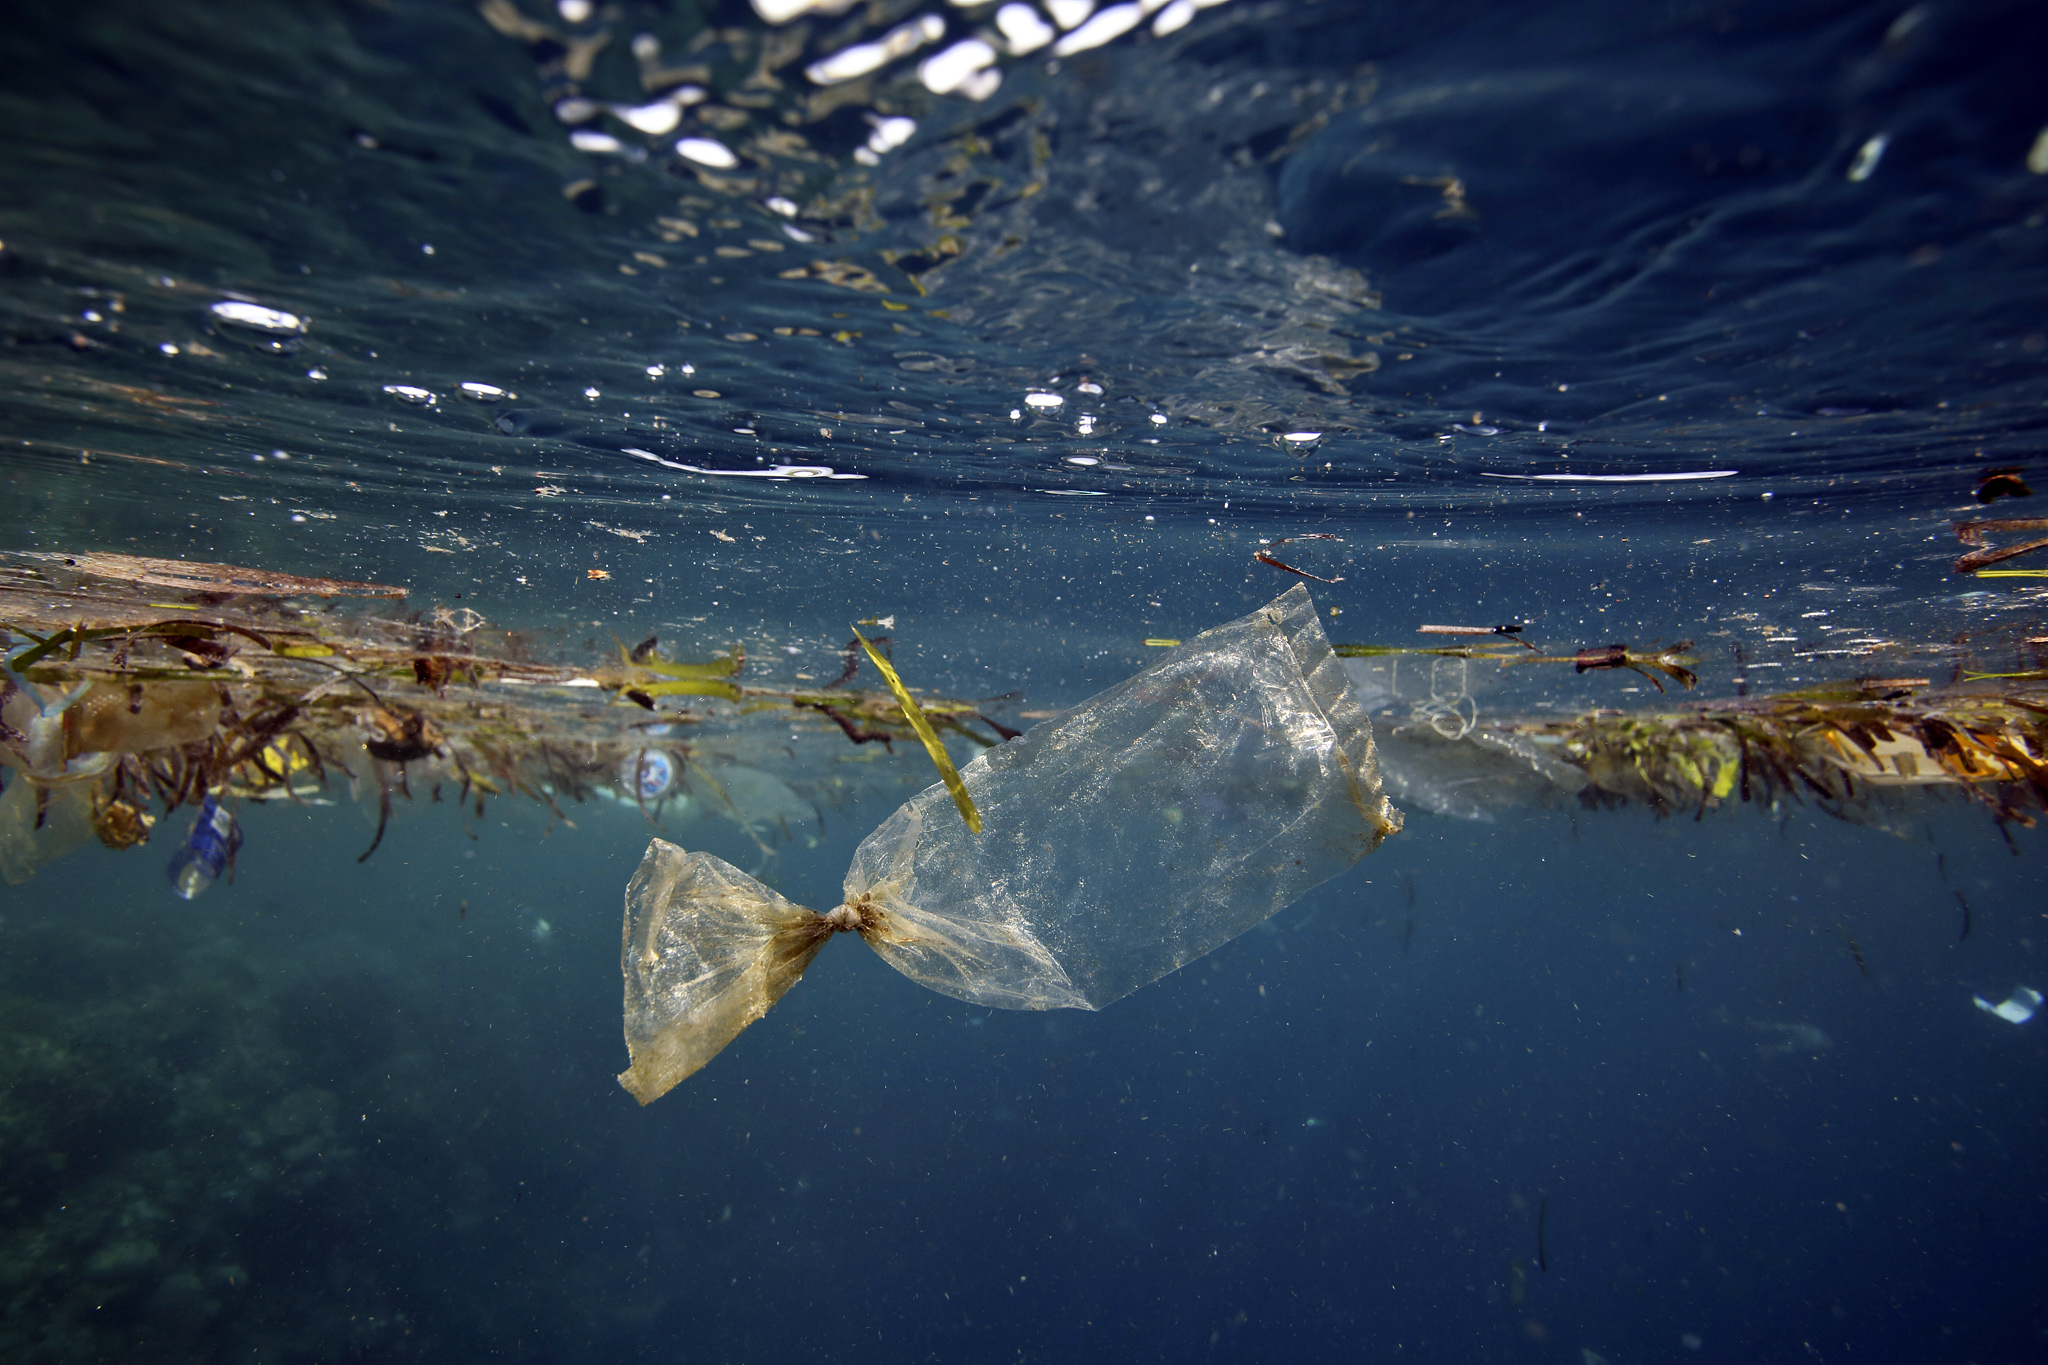 Влияние загрязнения водоемов на численность животных и растений